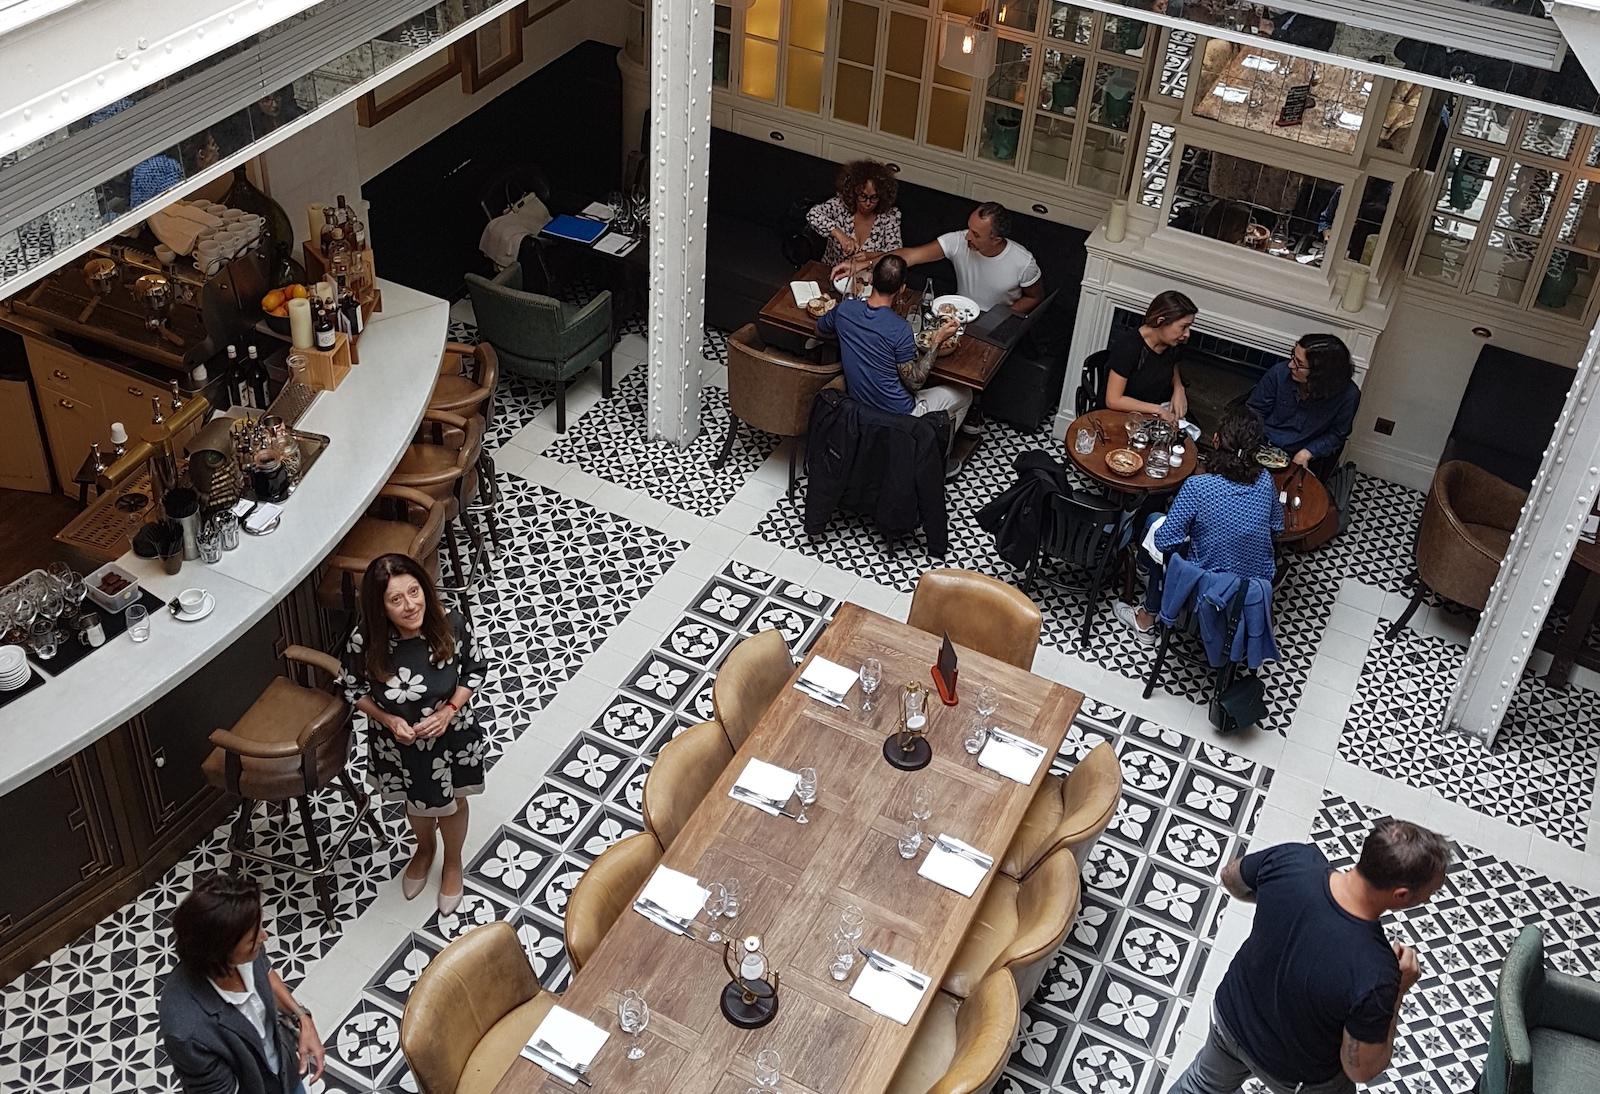 Les Chouettes Restaurant Paris 2